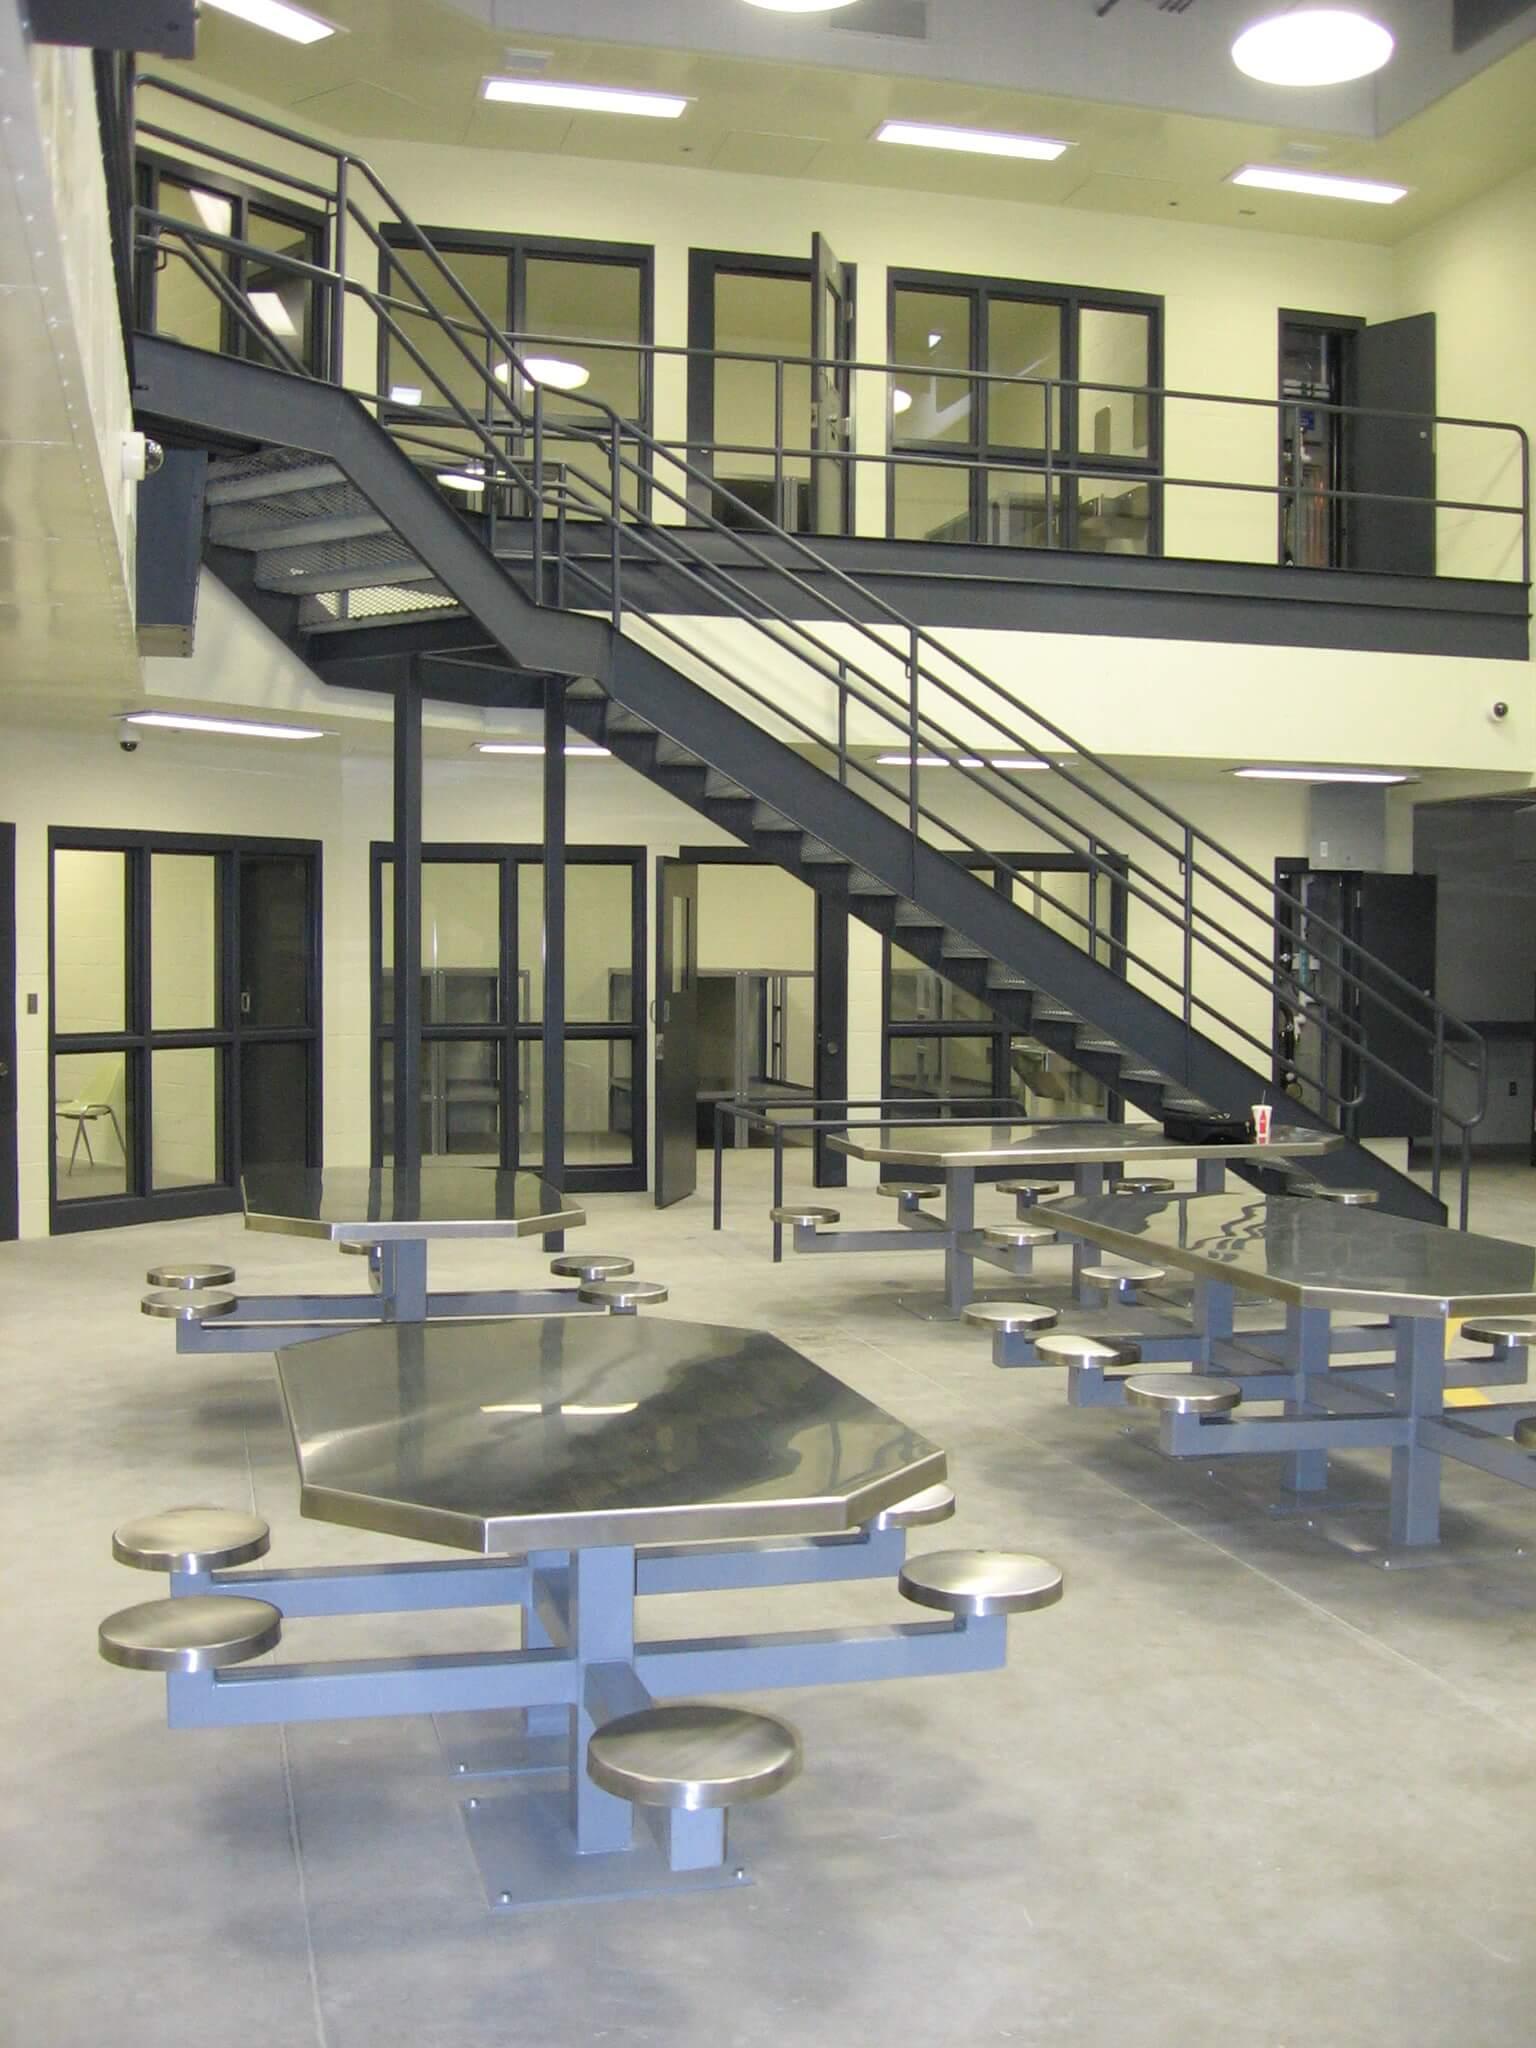 Kittitas County Jail